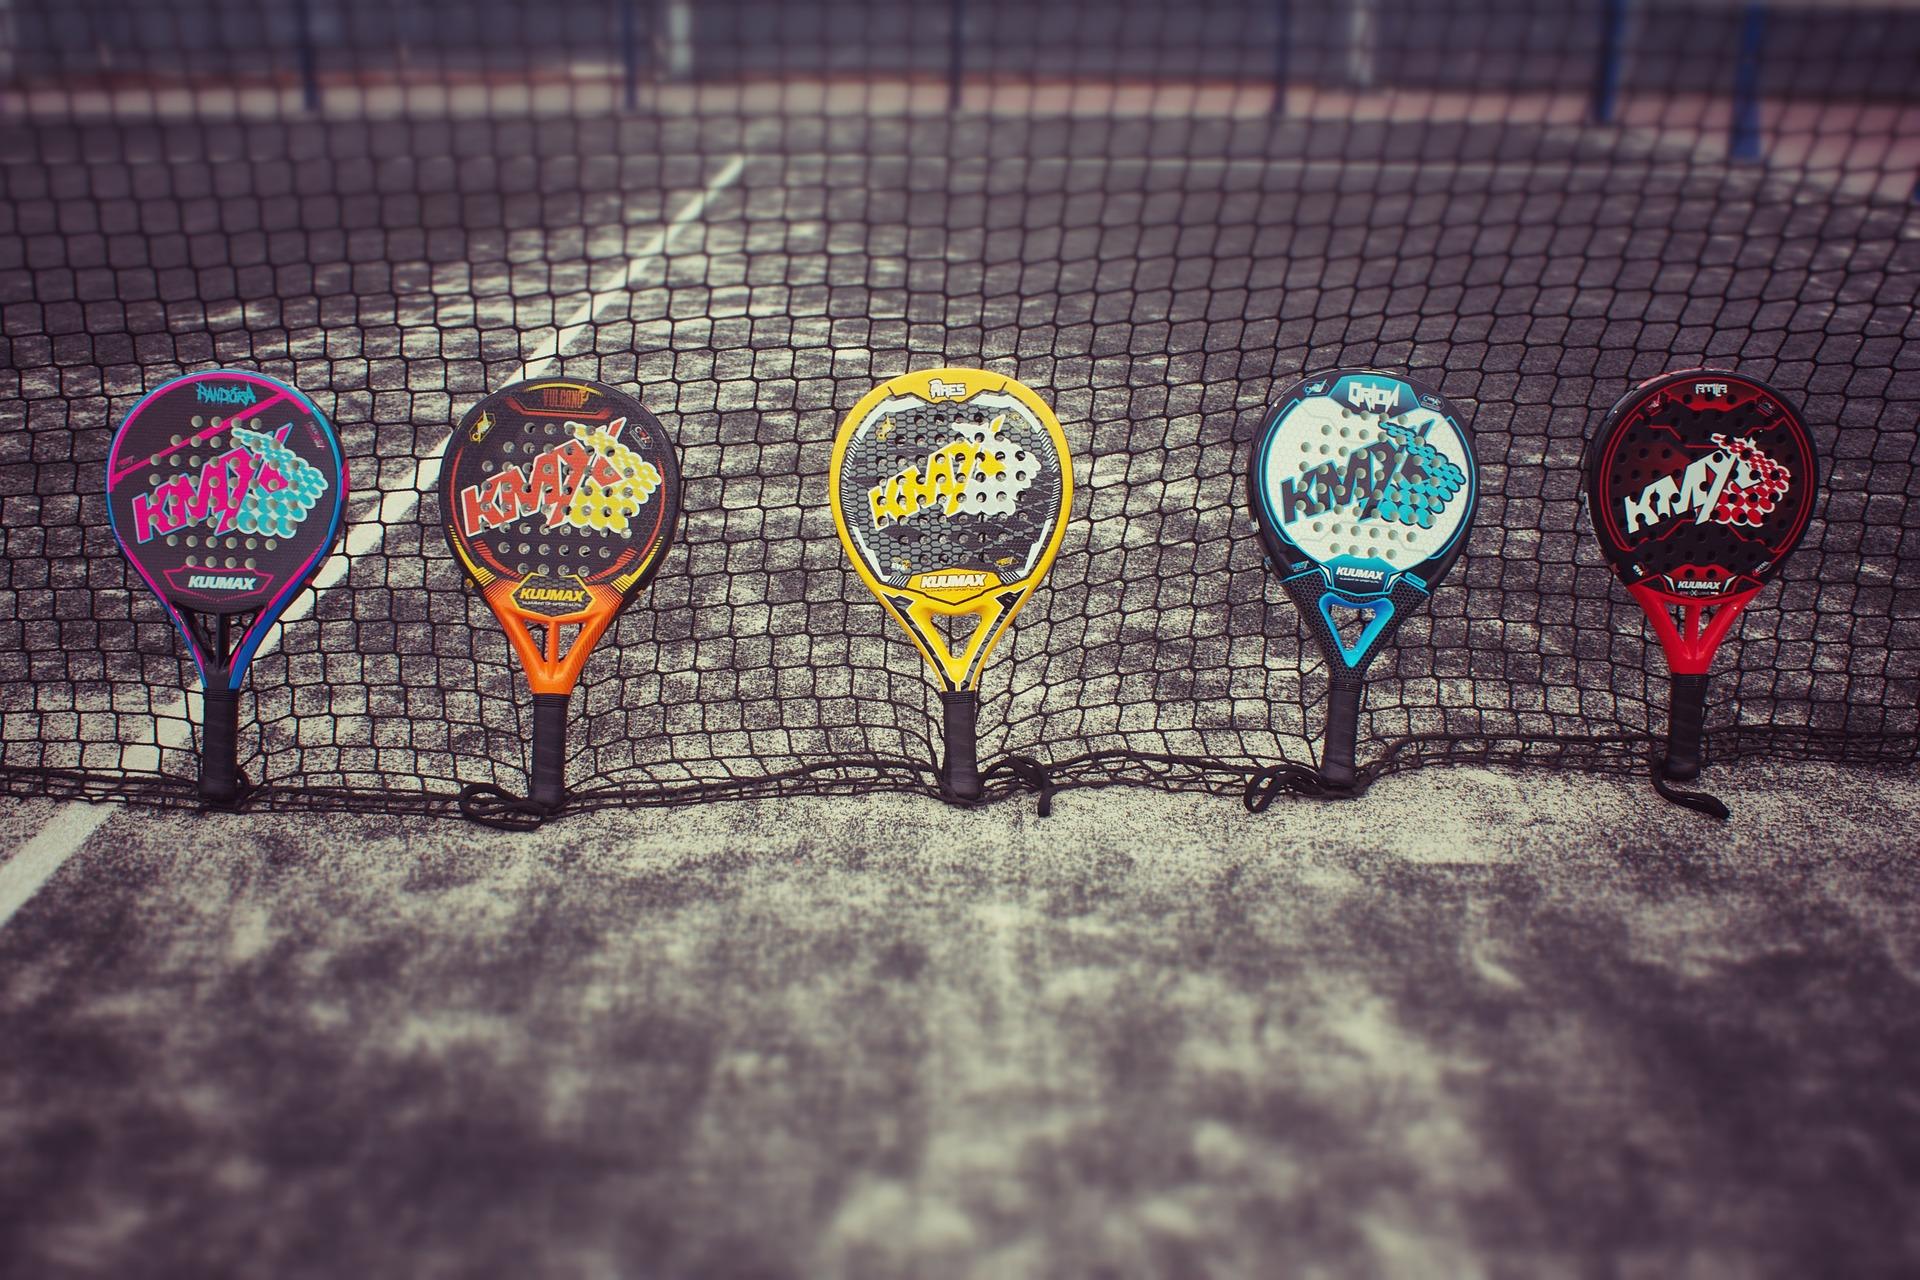 raquetas de padel Lugo Padel nuestro